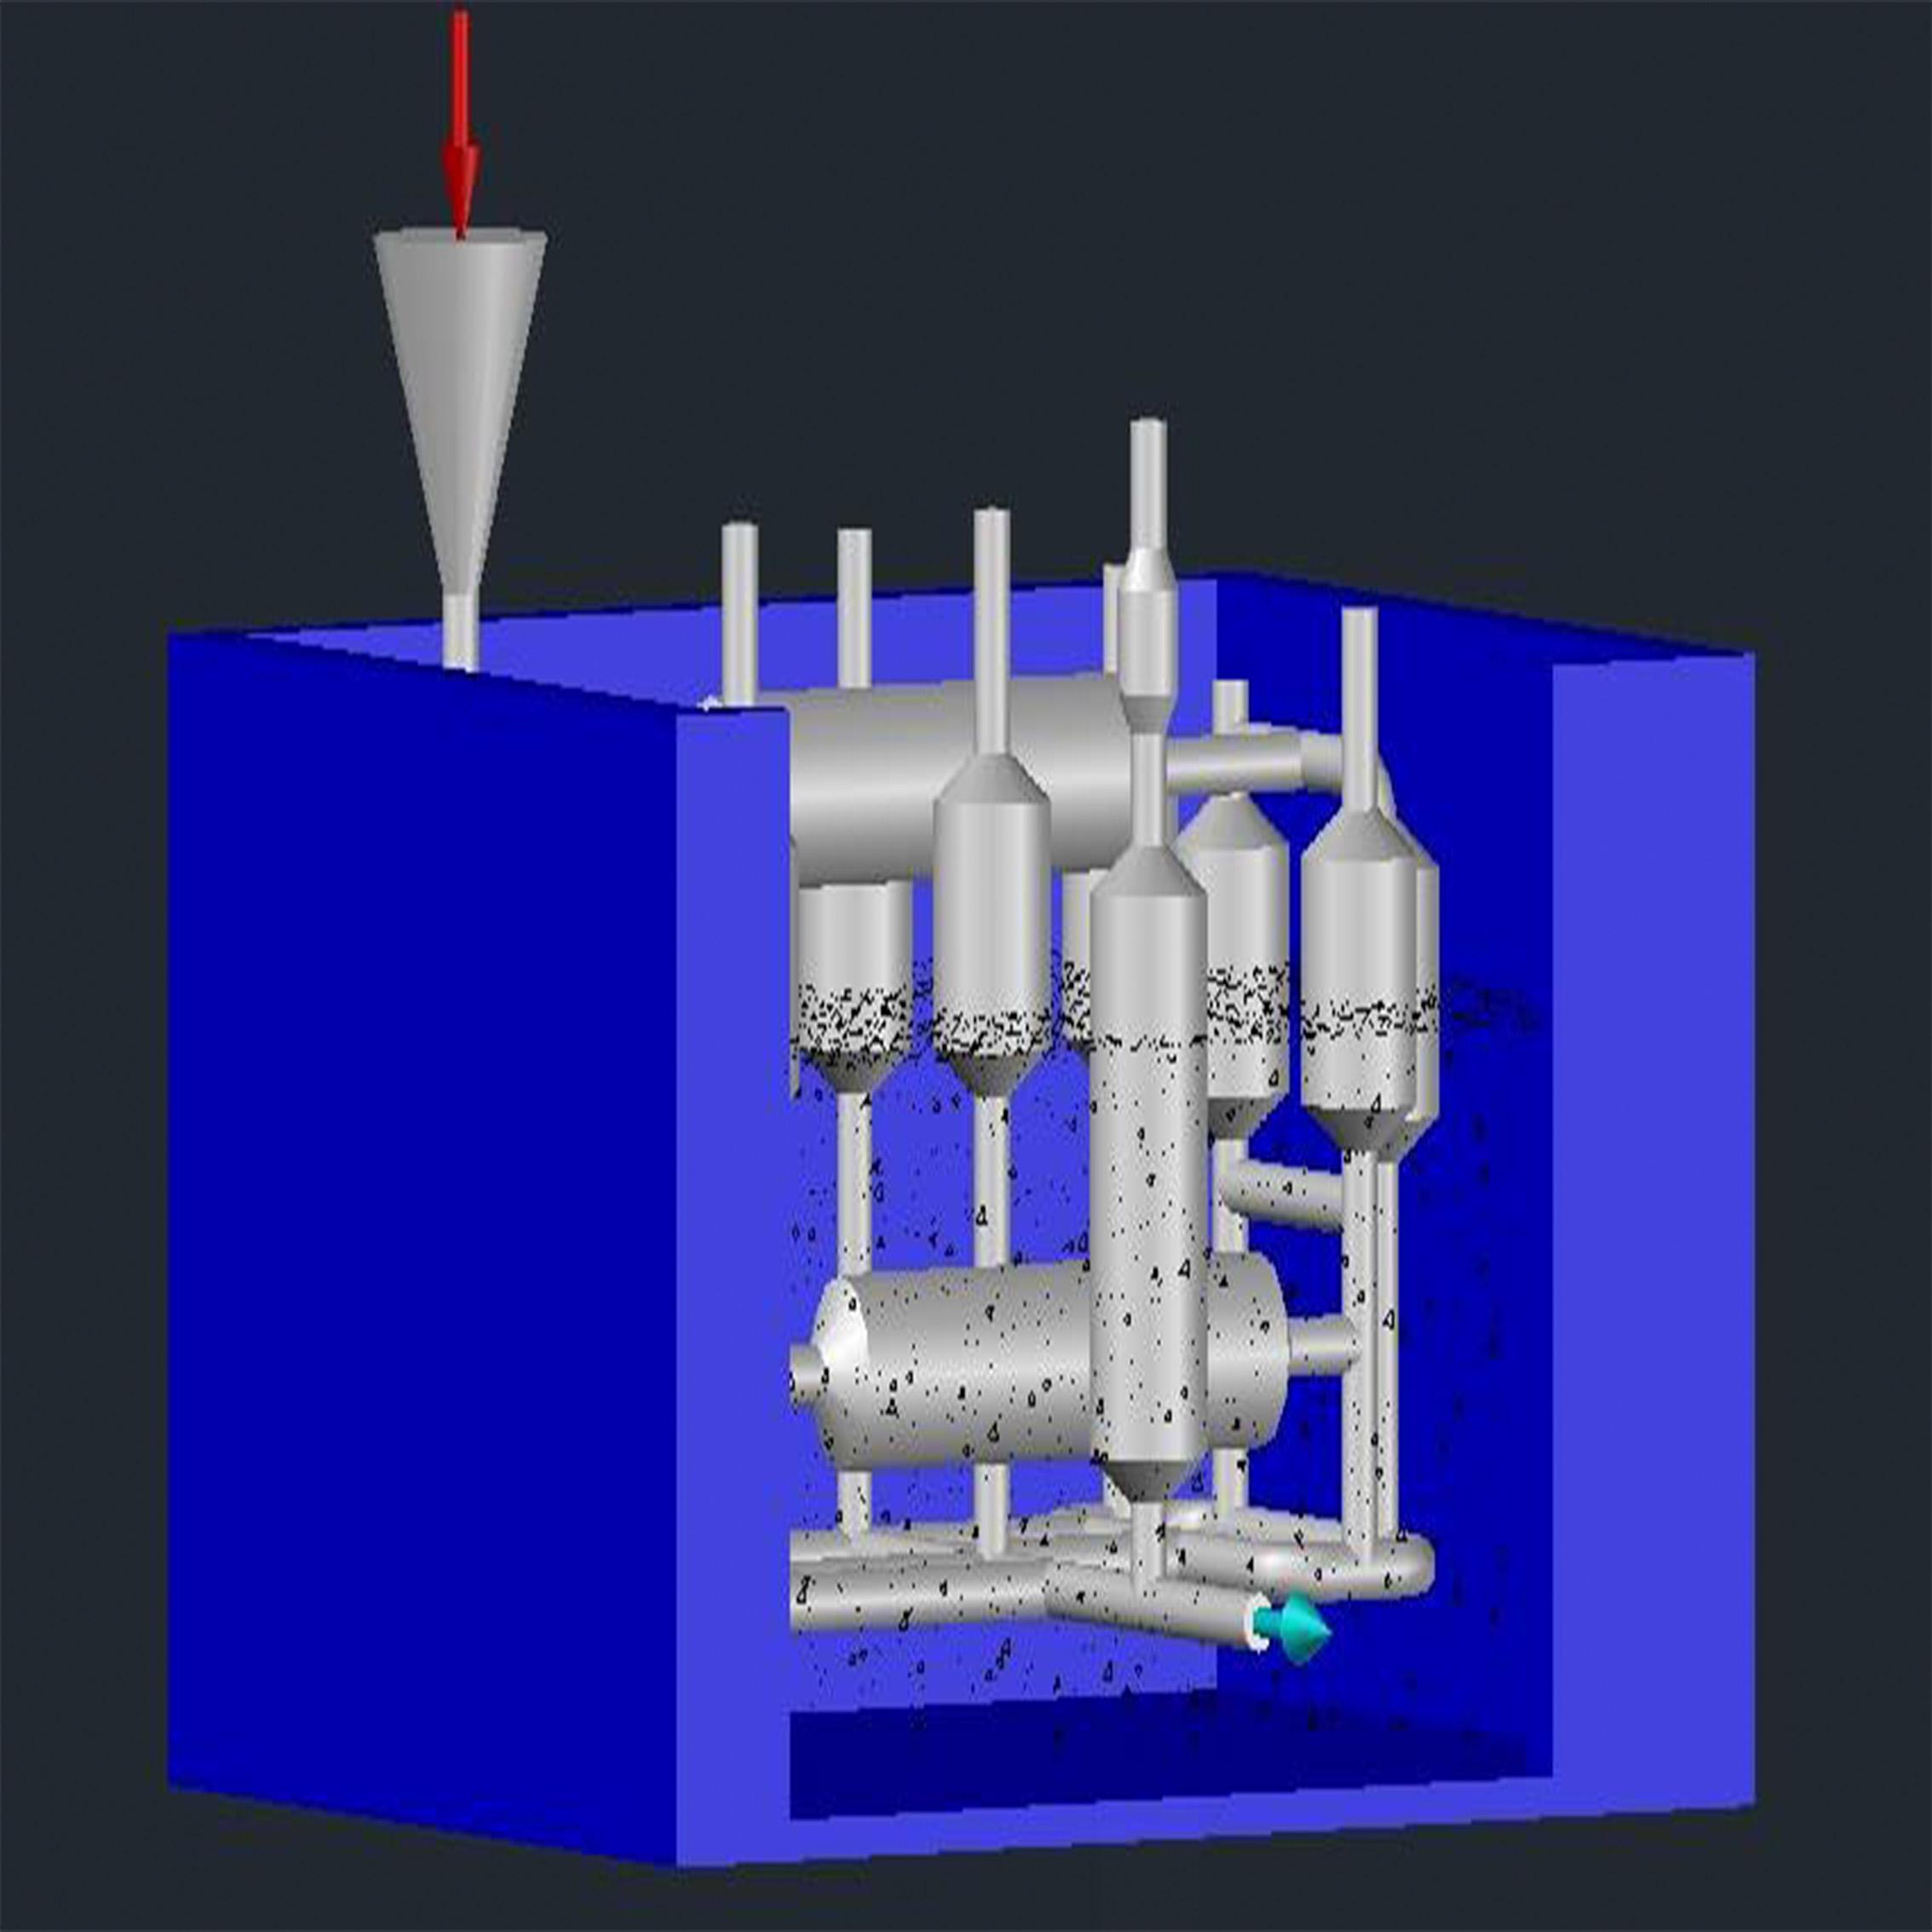 Hệ thống xử lý nước thải tốt nhất hiện nay có trên thị trường